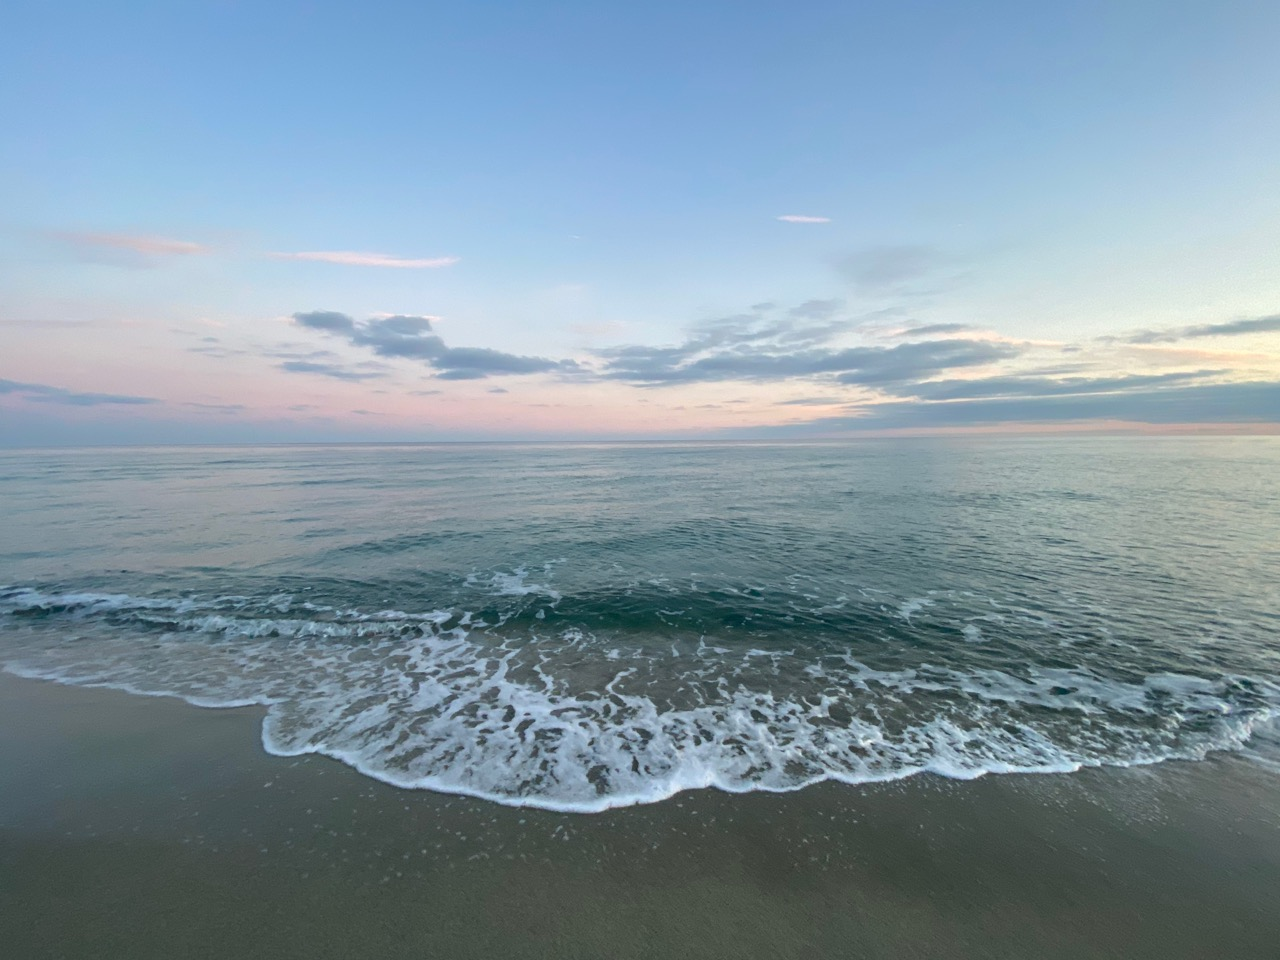 meereswelle am strand in abendlicht